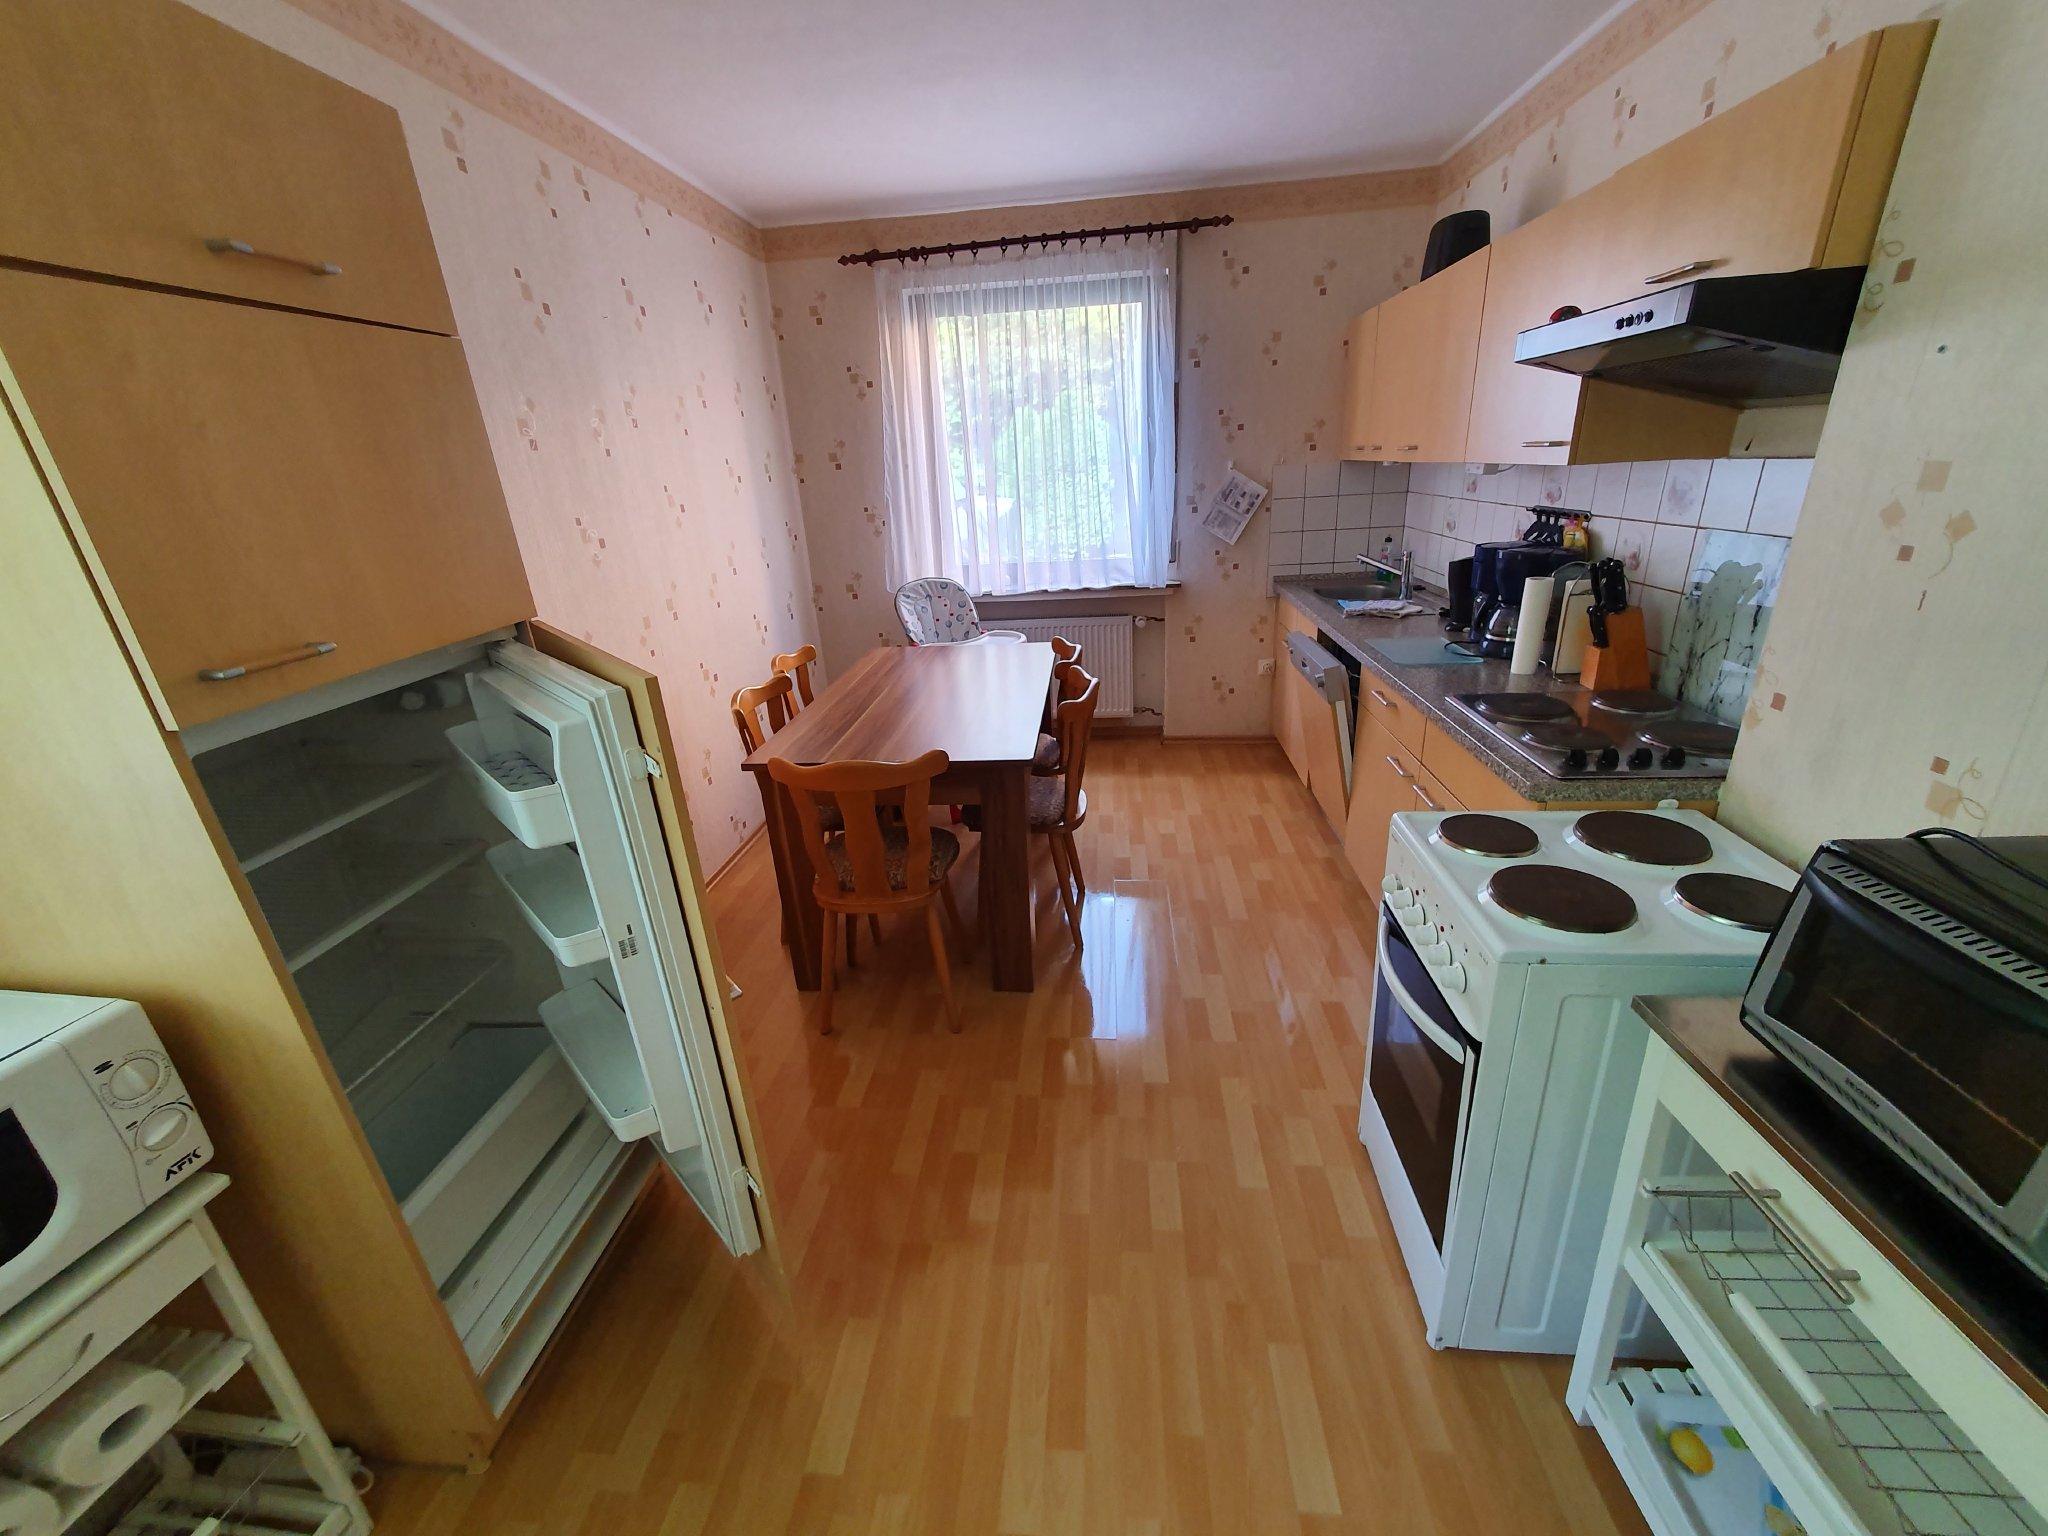 K�chenbereich, Essecke Wohnung 4